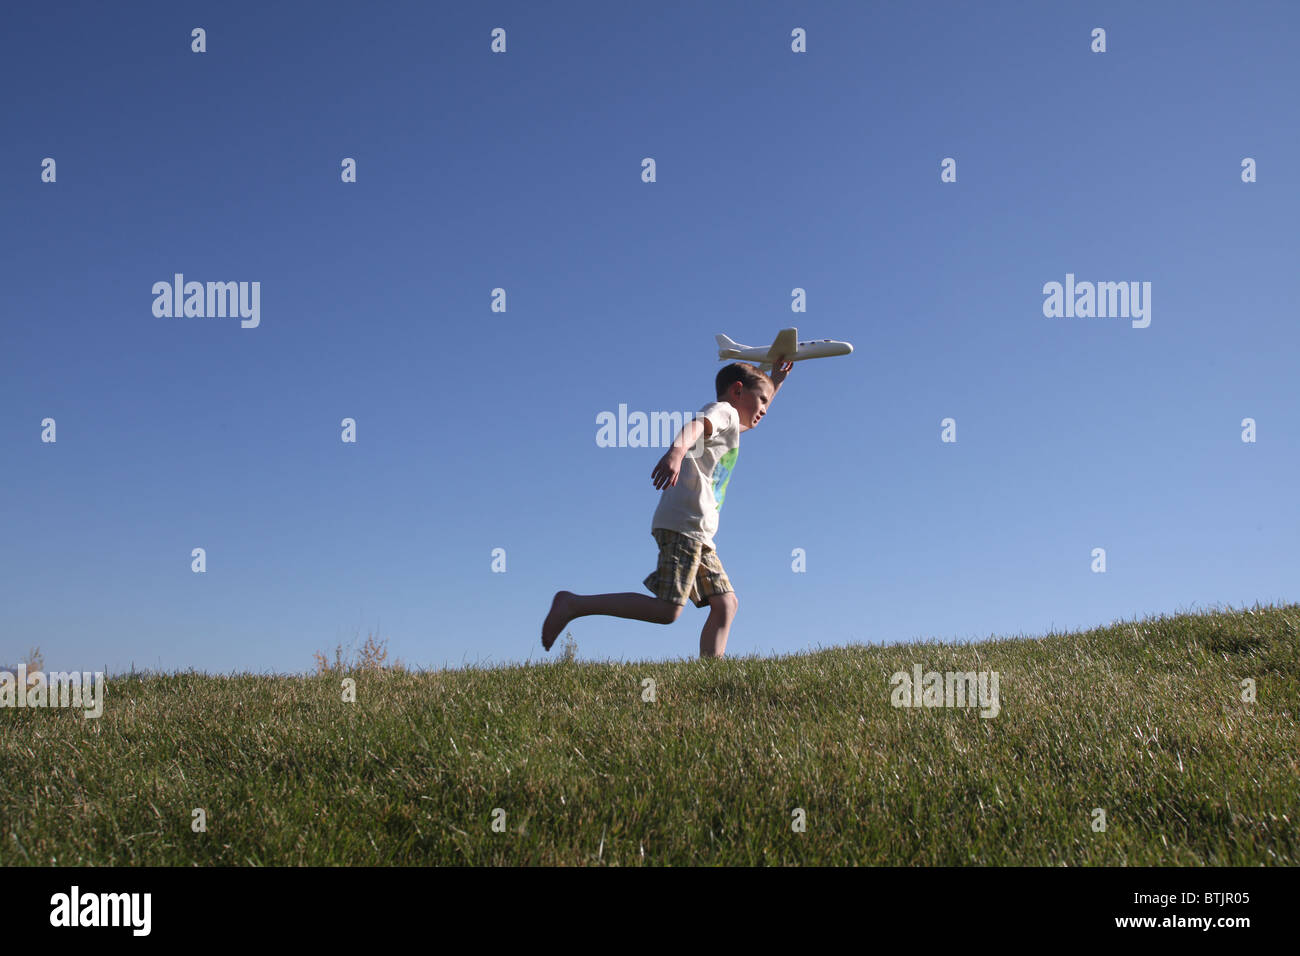 kleiner Junge läuft w/Spielzeugflugzeug, bereit, ihn fliegen zu lassen Stockbild